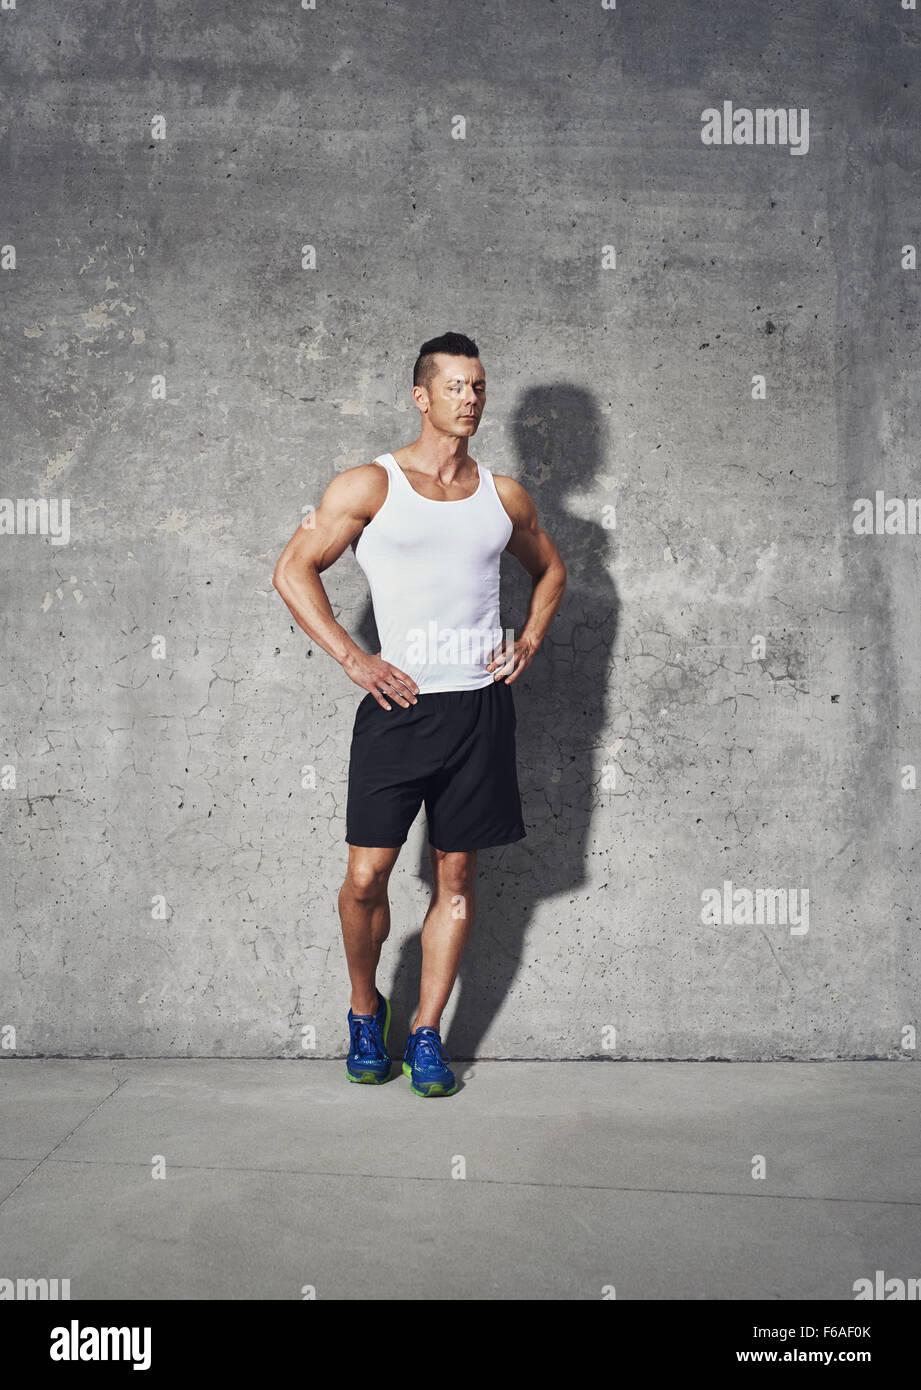 Full body fitness ritratto di uomo muscolare, in piedi con entrambe le mani sulla sua vita guardando lontano Immagini Stock